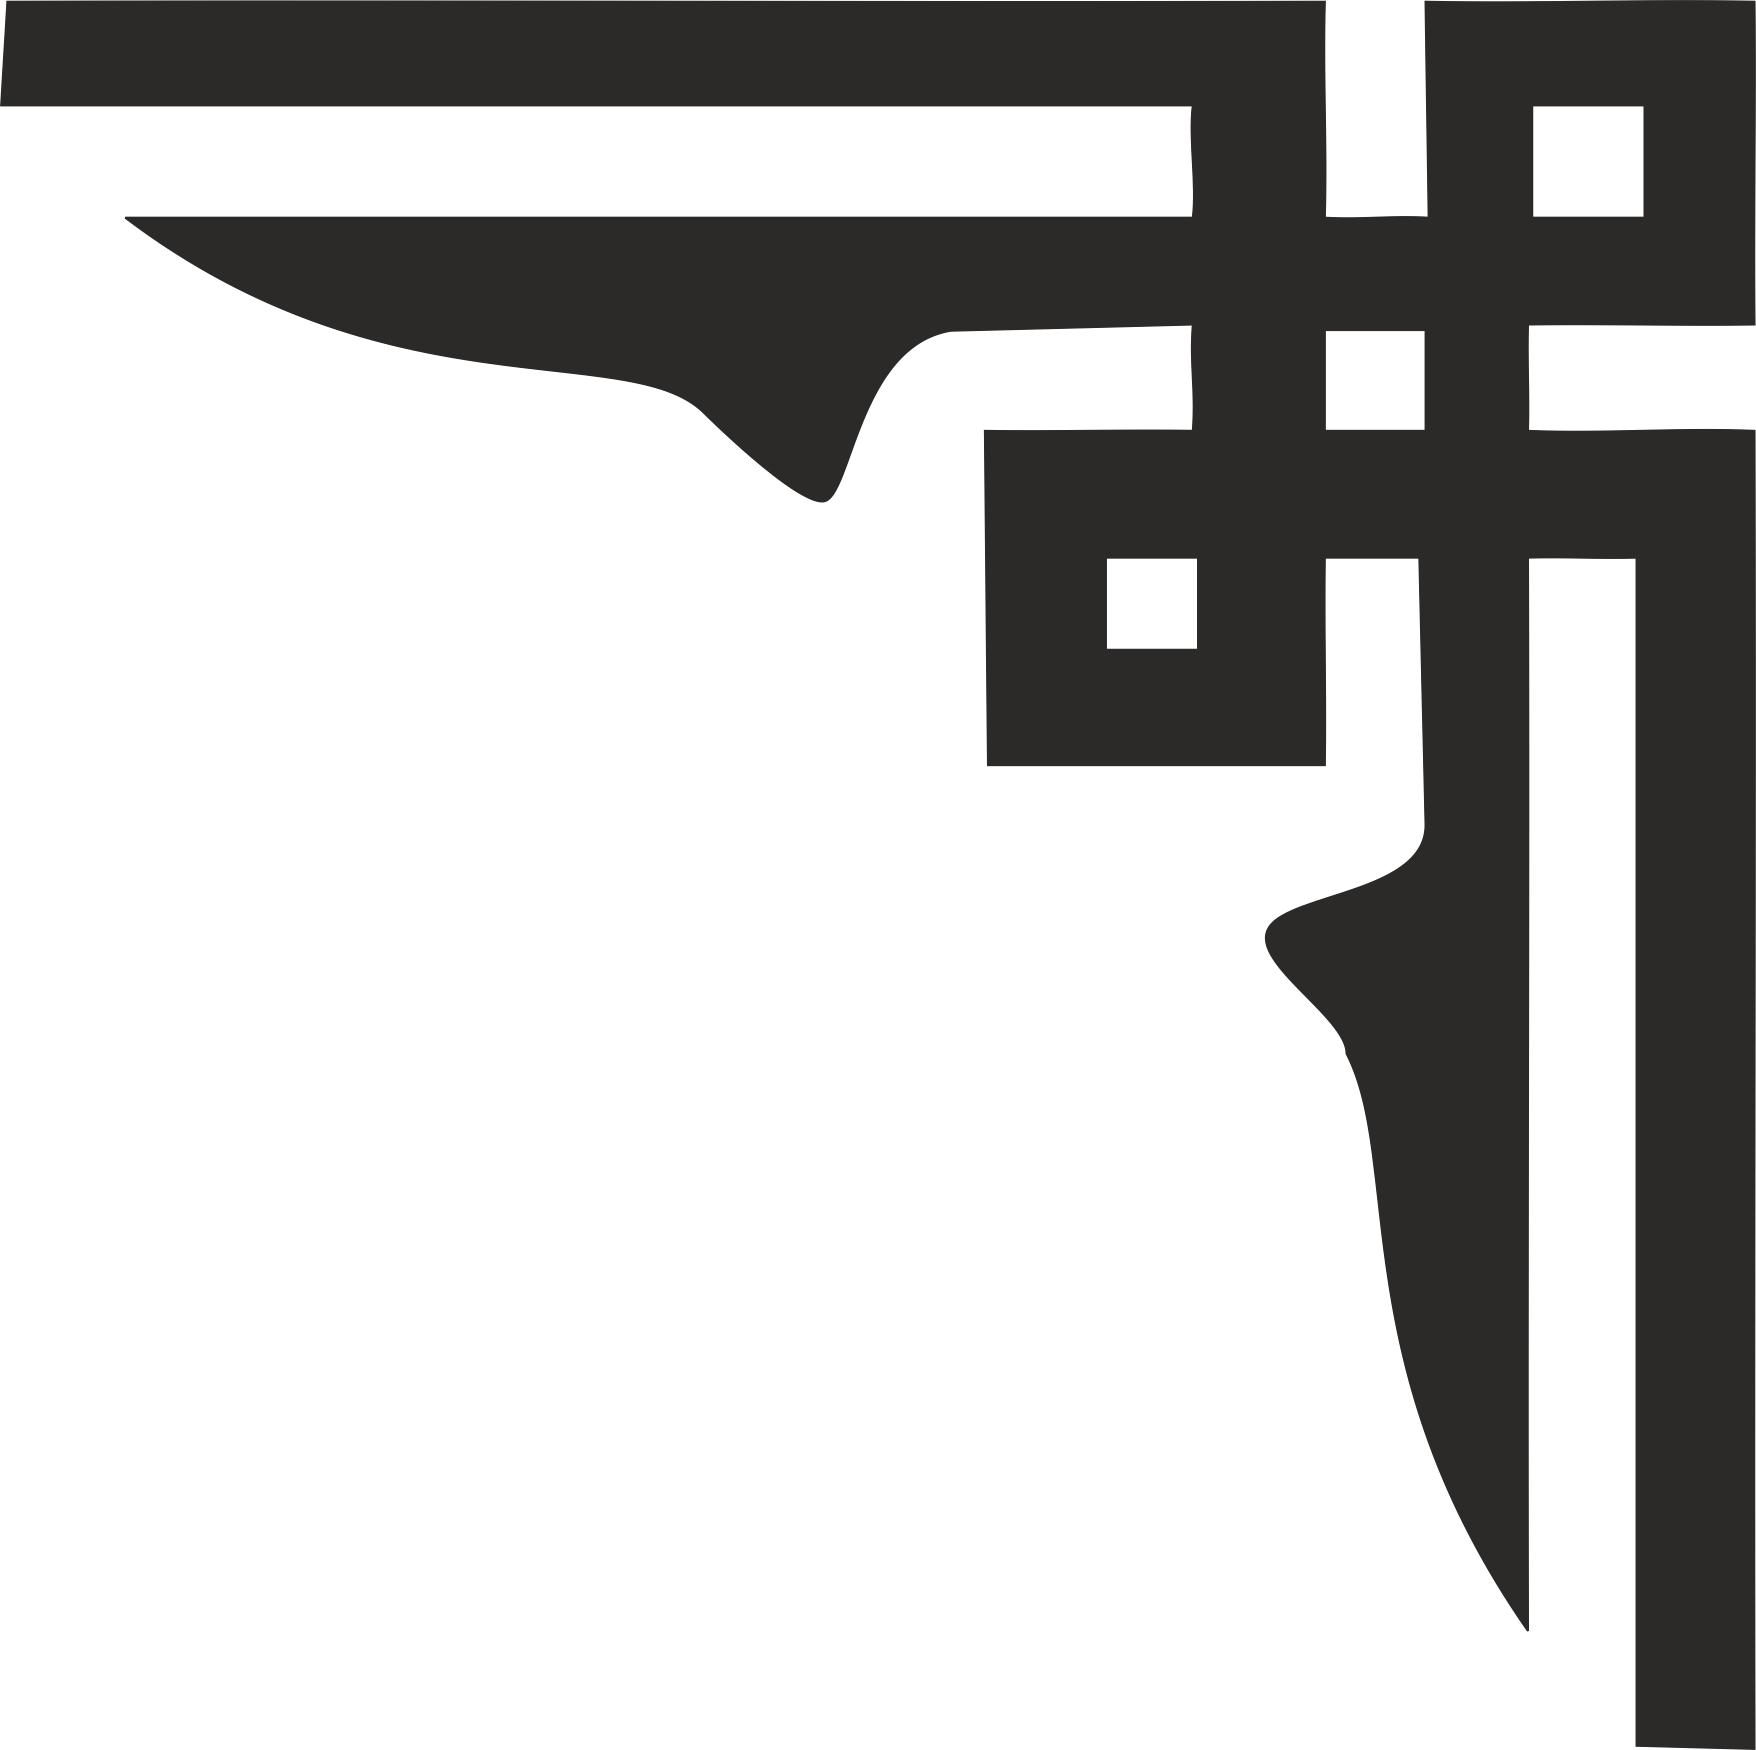 Corner Pattern Design dxf File